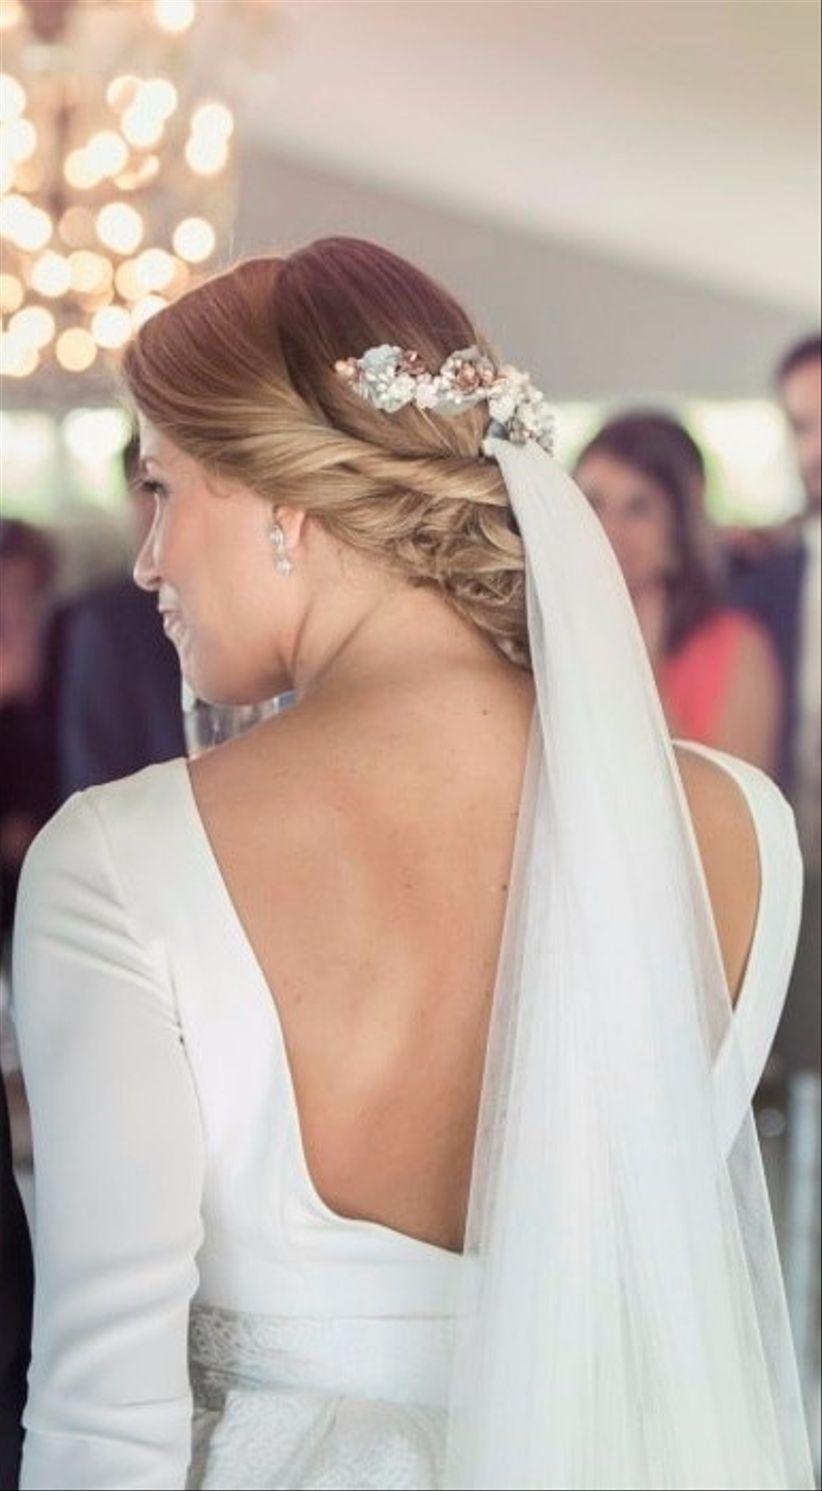 Exquisito peinados bajos Fotos de cortes de pelo estilo - Peinados para novias: 50 recogidos bajos espectaculares